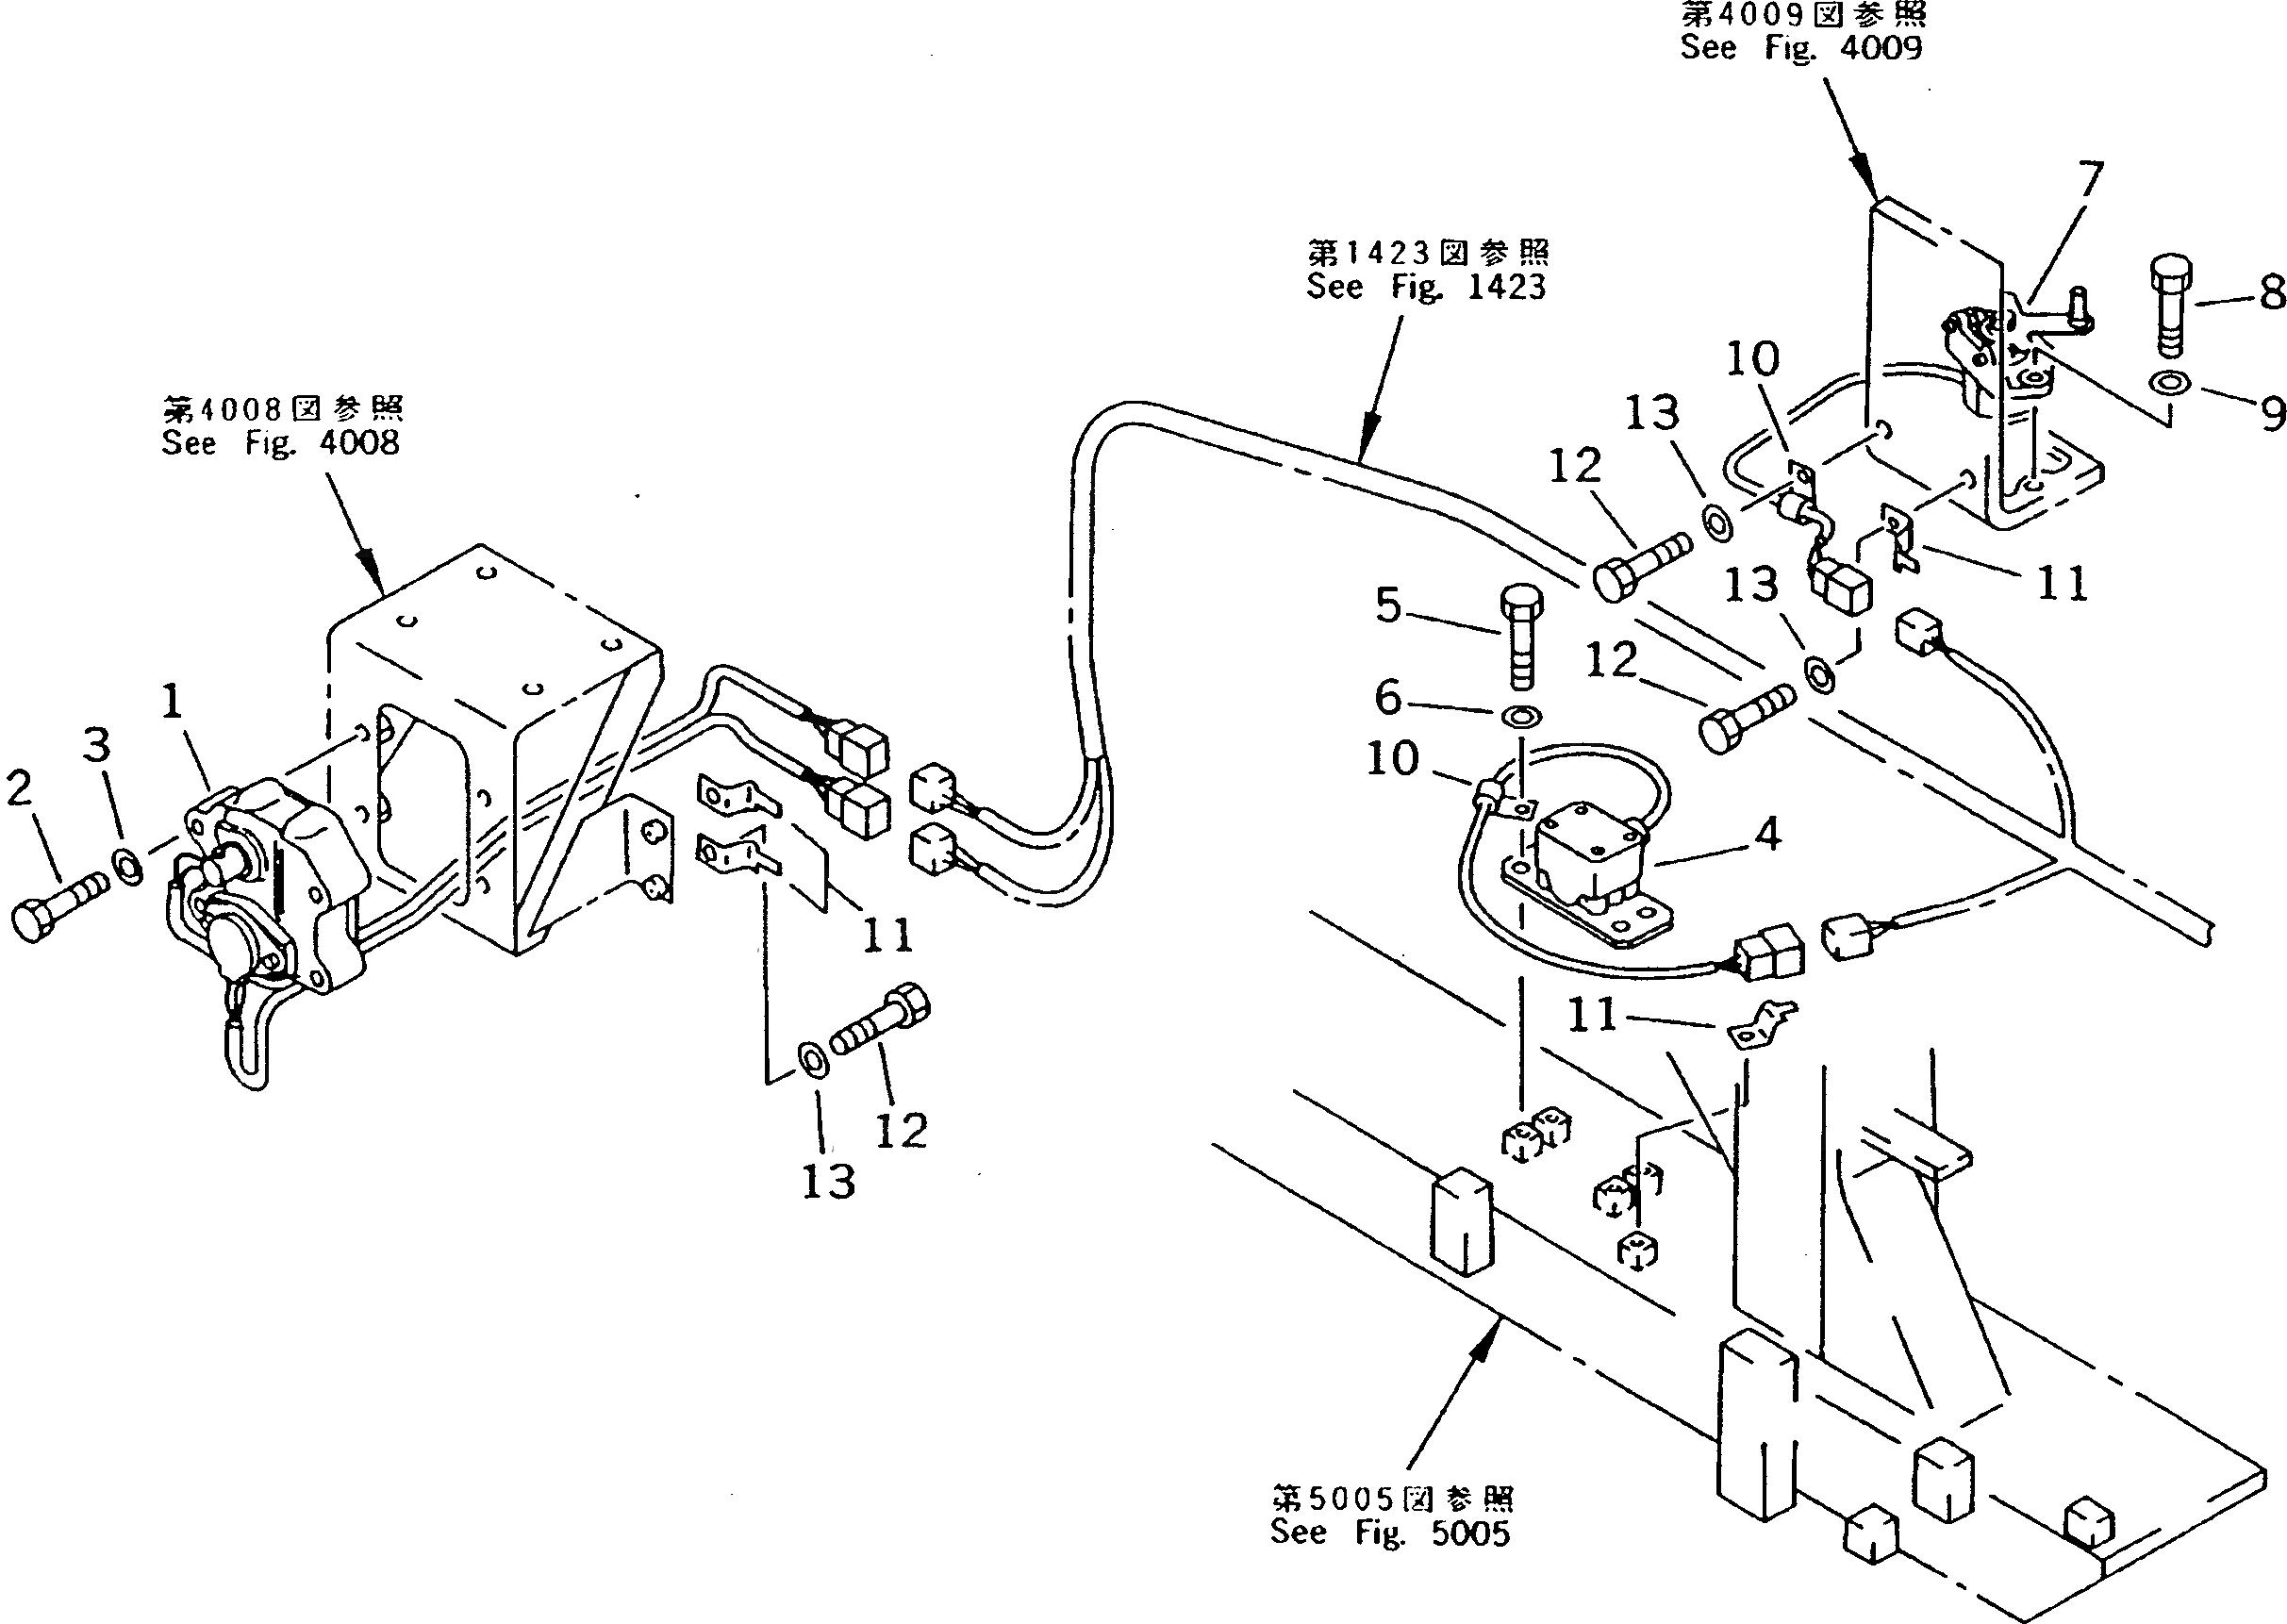 PC200 5 stepping motor - PC200-5 Komatsu Accelerator Motor 7824-30-1600